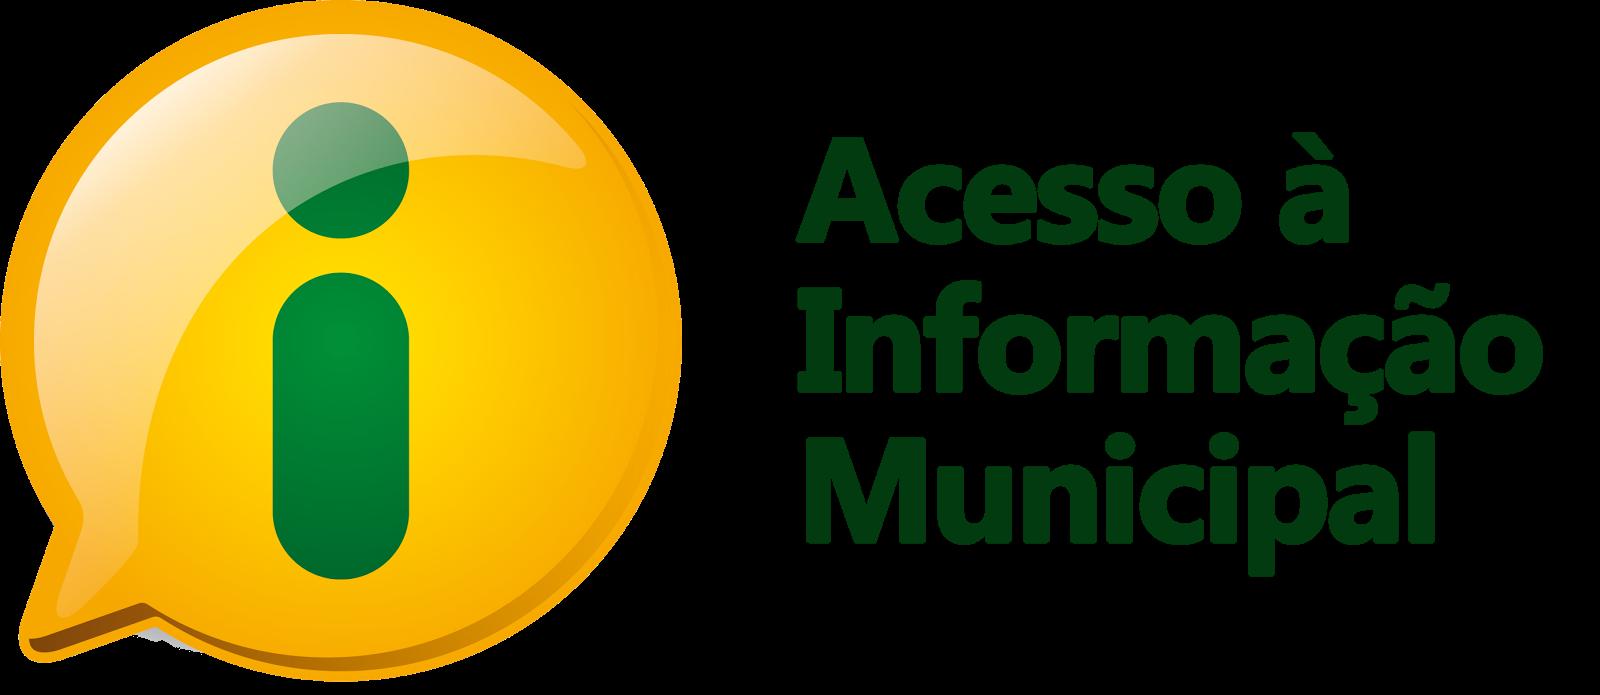 Lei de Acesso à Informação Municipal